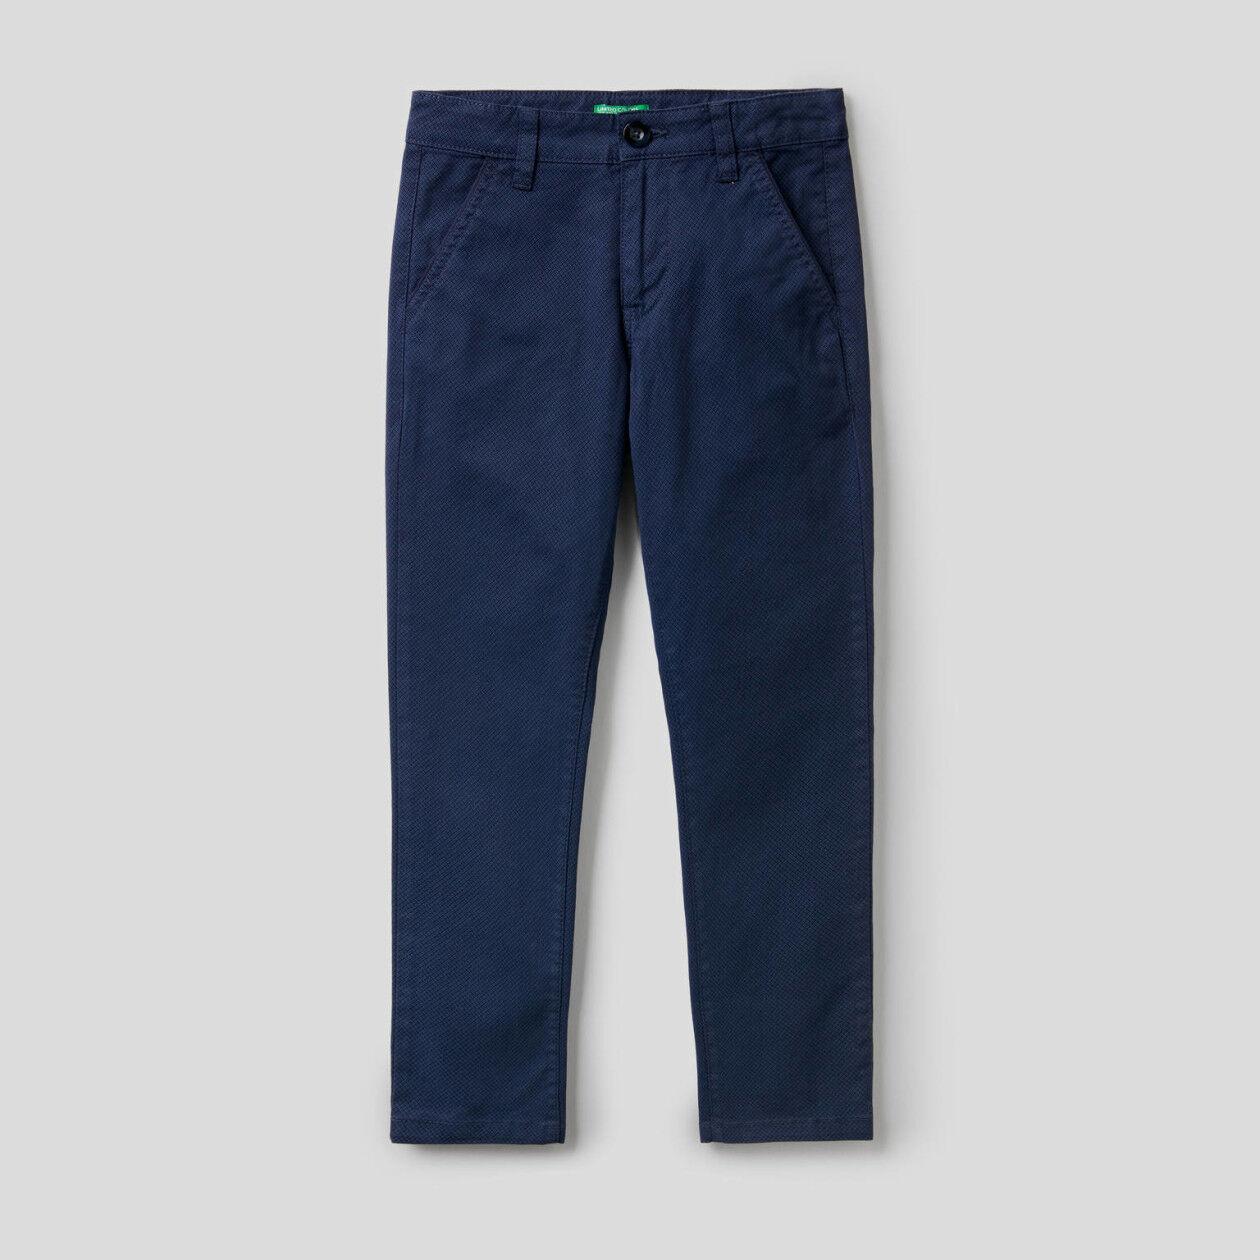 Pantalón de algodón elástico estampado